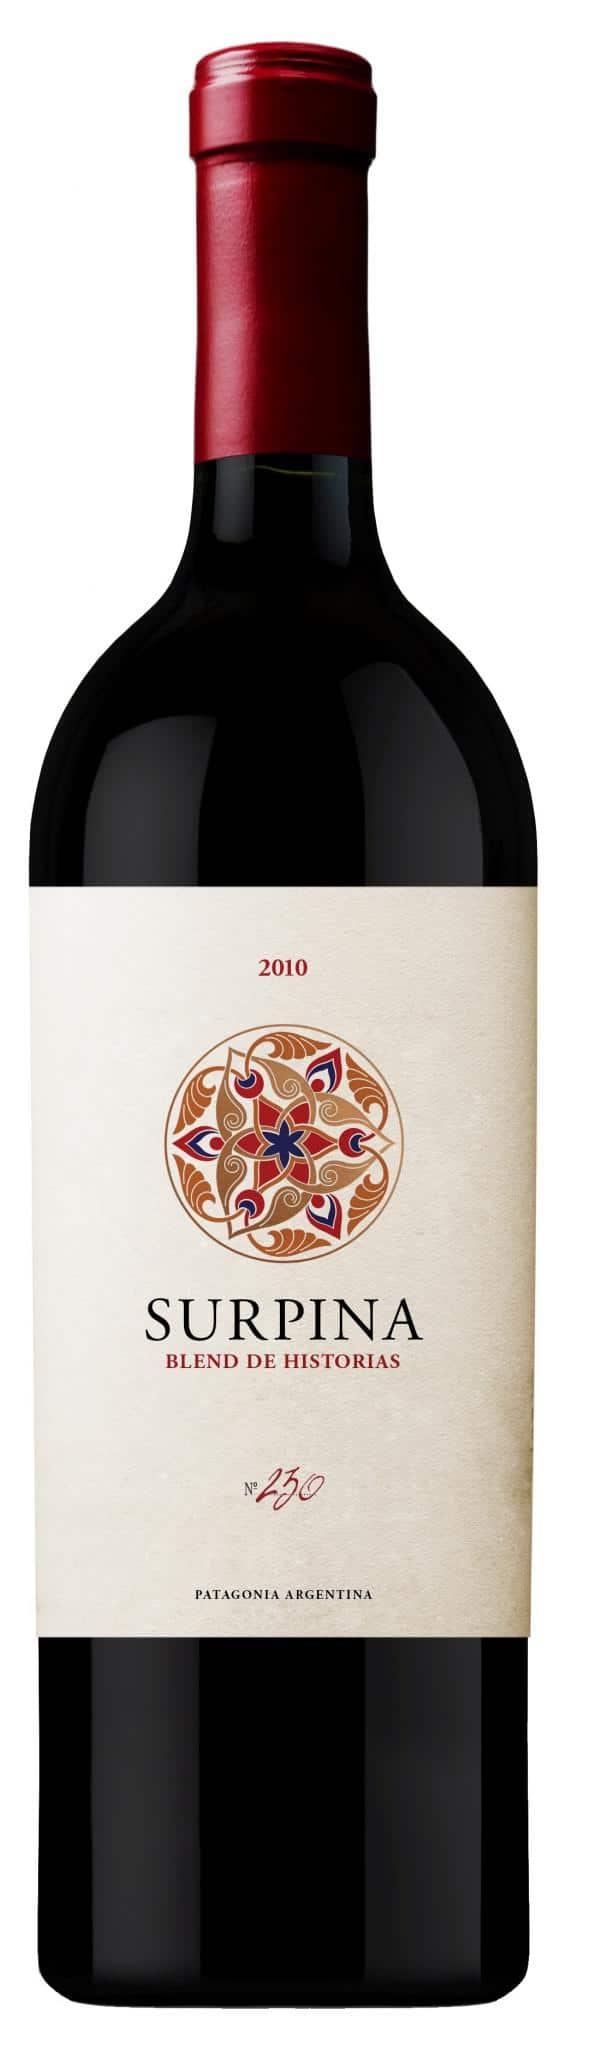 Surpina 2010